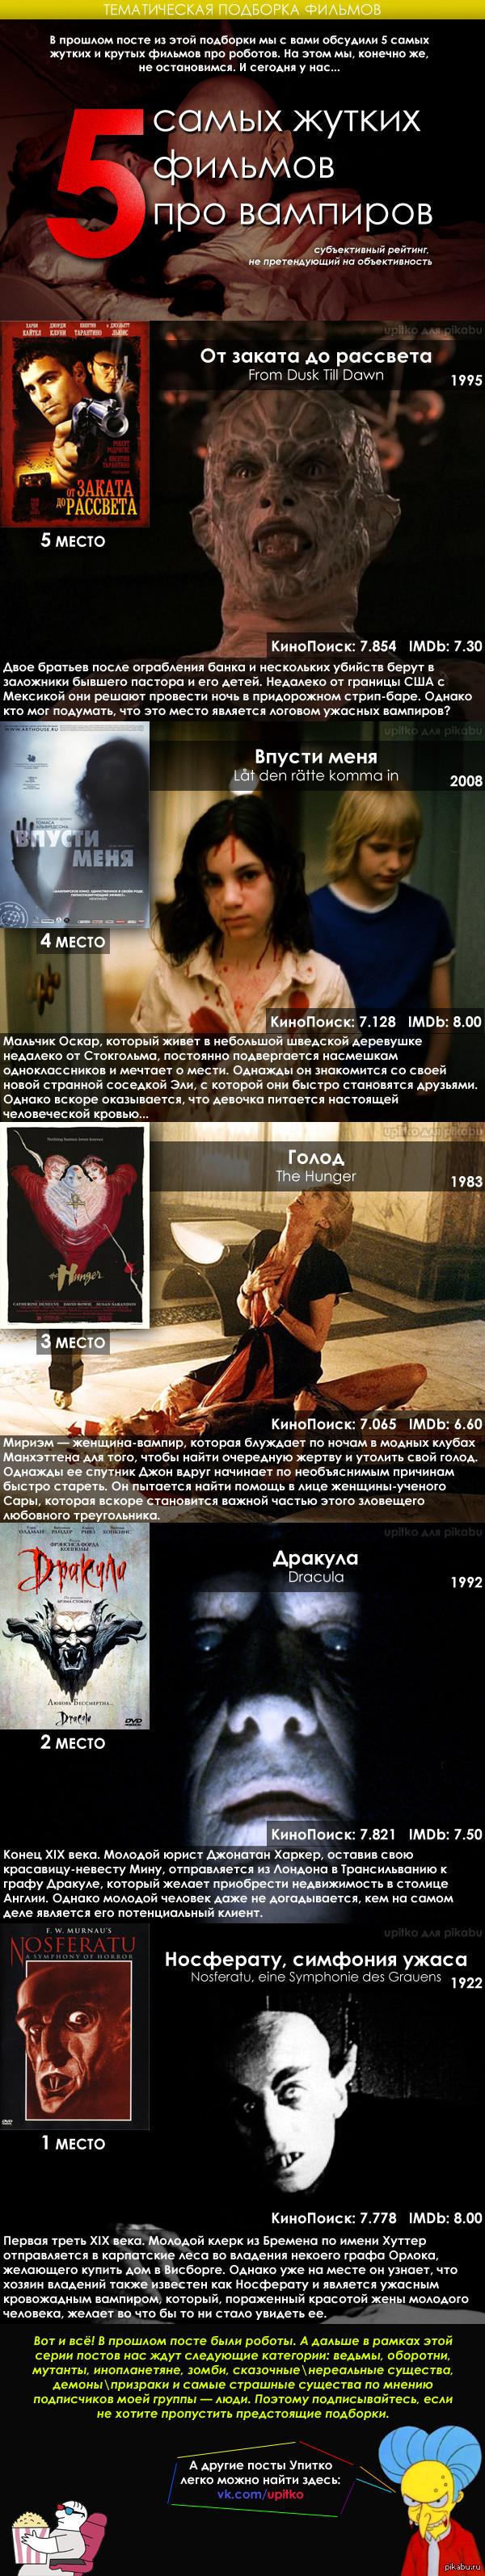 Посоветуйте лесбийские красивые фильмы — photo 13